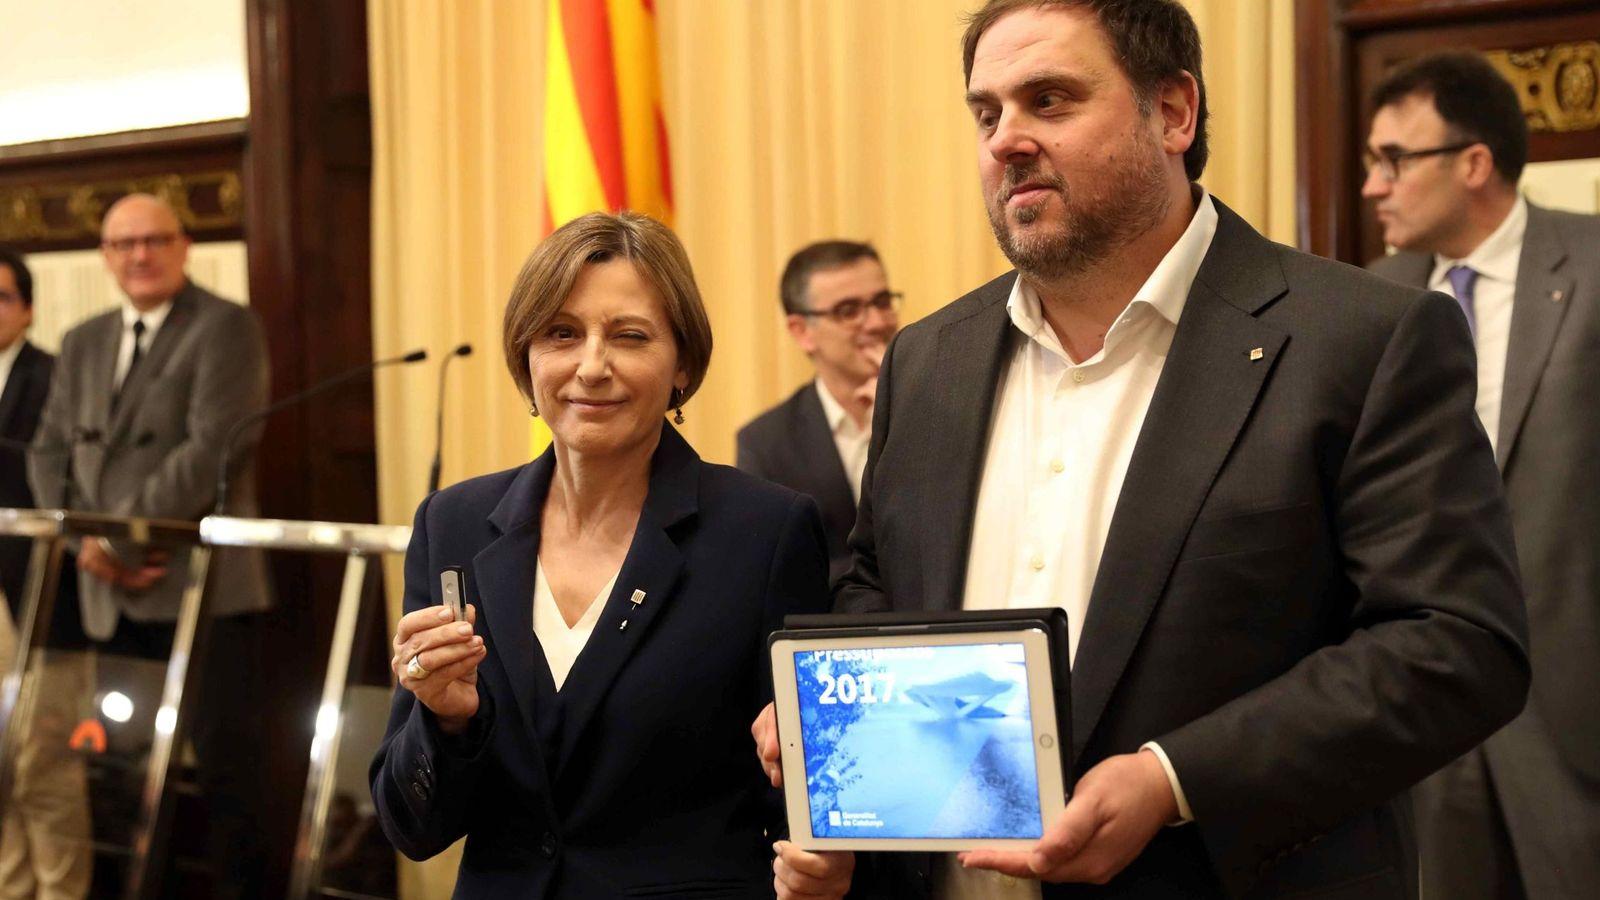 Foto: La presidenta del Parlament, Carme Forcadell, y el vicepresidente catalán y 'conseller' de Economía, Oriol Junqueras, muestran el lápiz de memoria y la tableta con el Proyecto de Ley de Presupuestos de la Generalitat. (EFE)